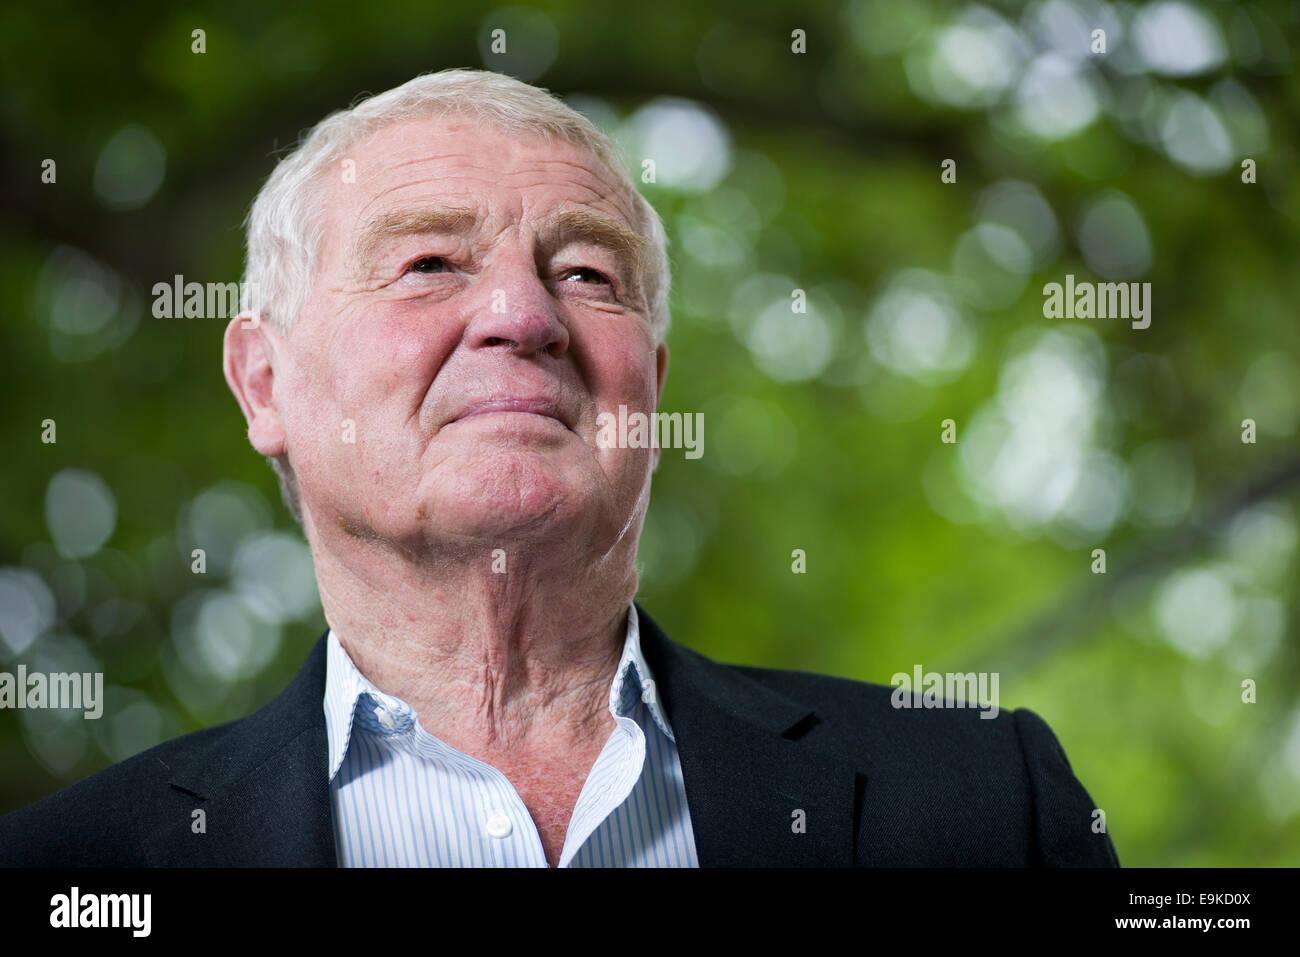 Político y Diplomático británico Baron Ashdown, generalmente conocido como Paddy Ashdown en el Festival Imagen De Stock